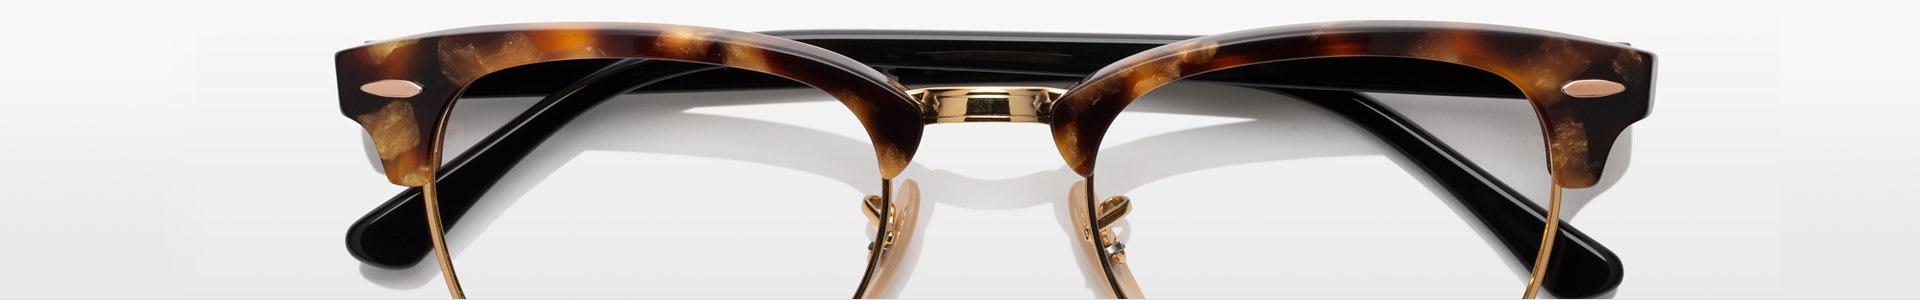 Horn-Rimmed Eyeglasses